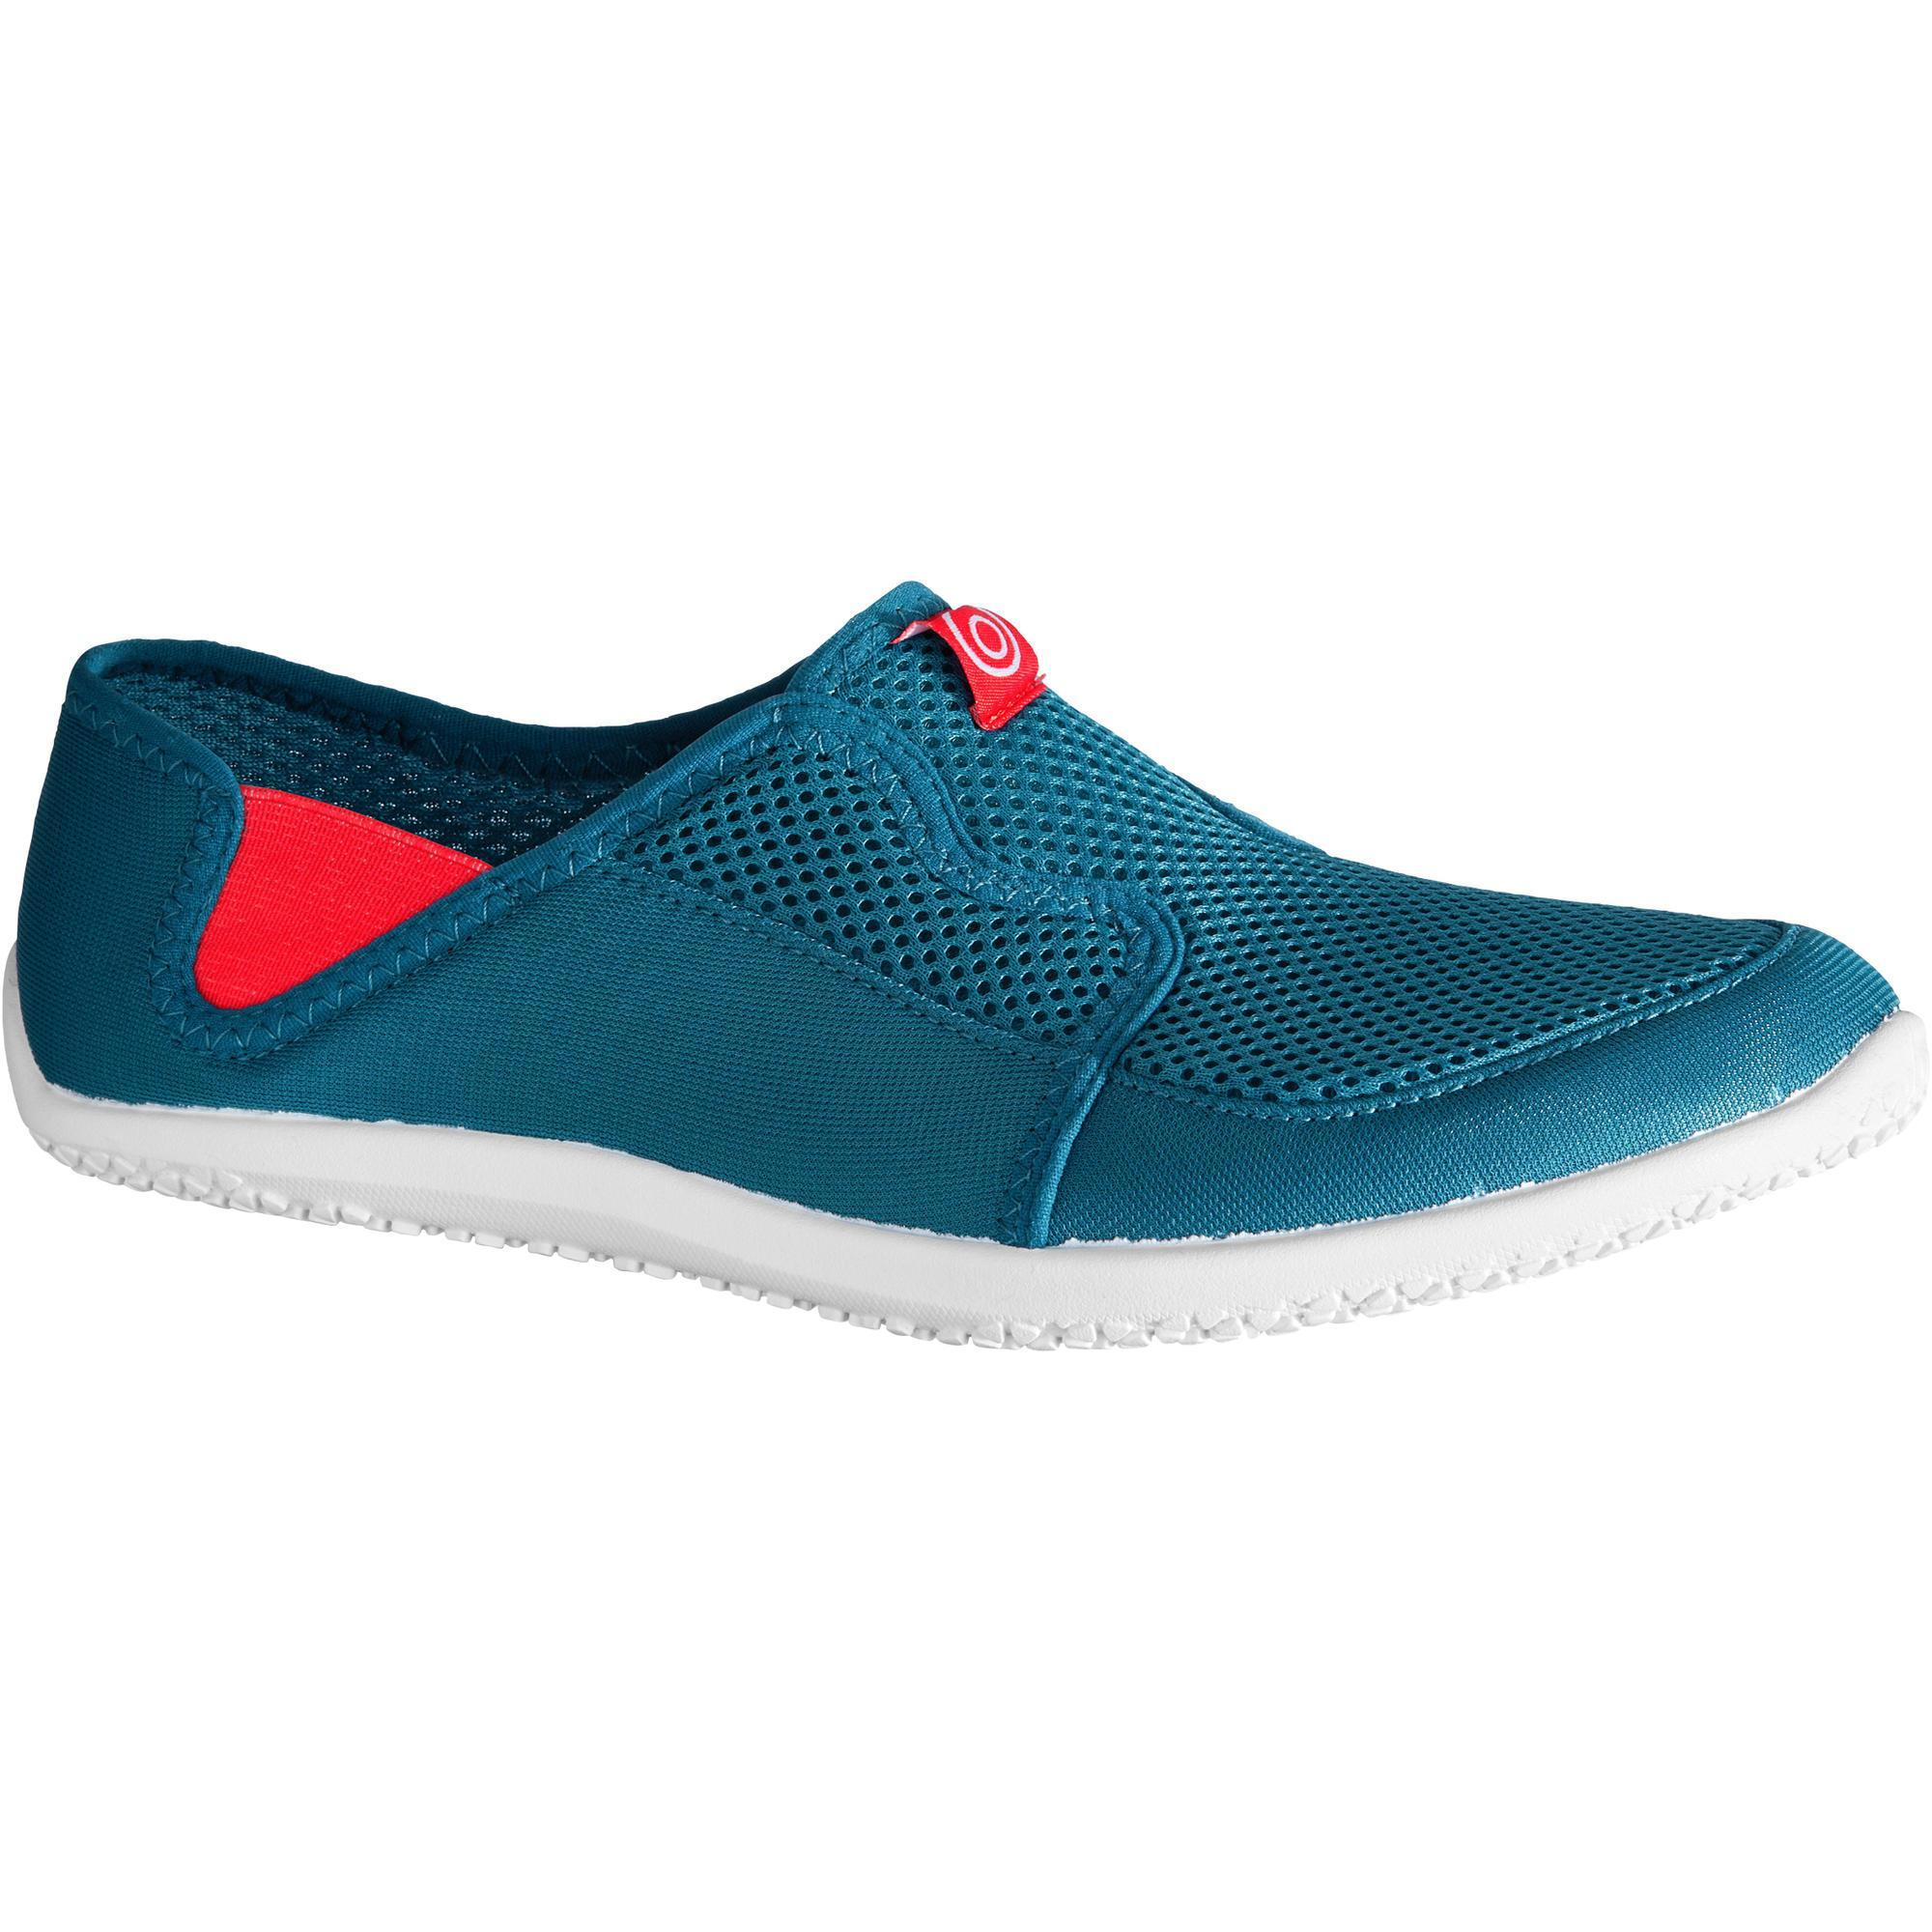 Subea Waterschoenen Aquashoes 120 voor volwassenen blauw rood